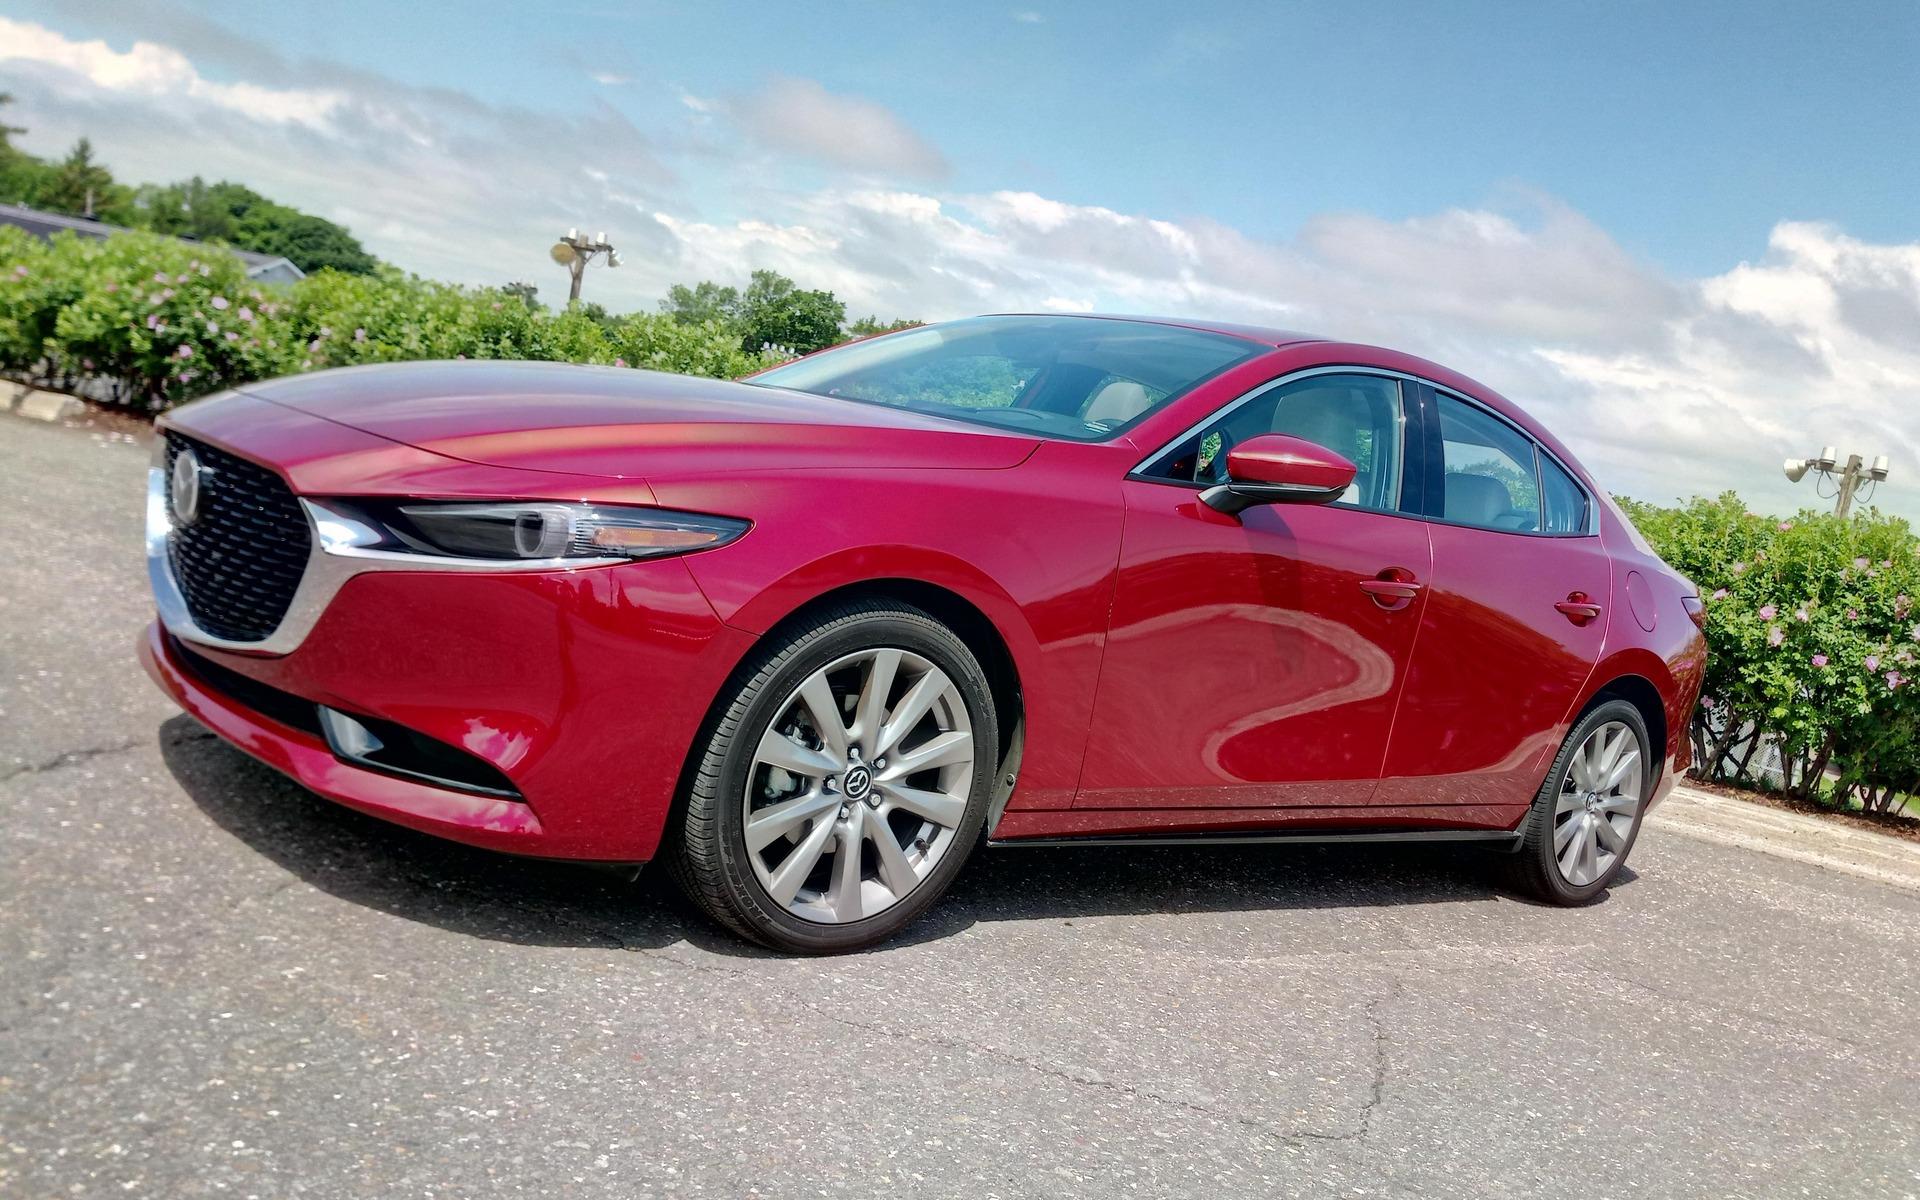 Kelebihan Mazda 3 2019 Sedan Top Model Tahun Ini